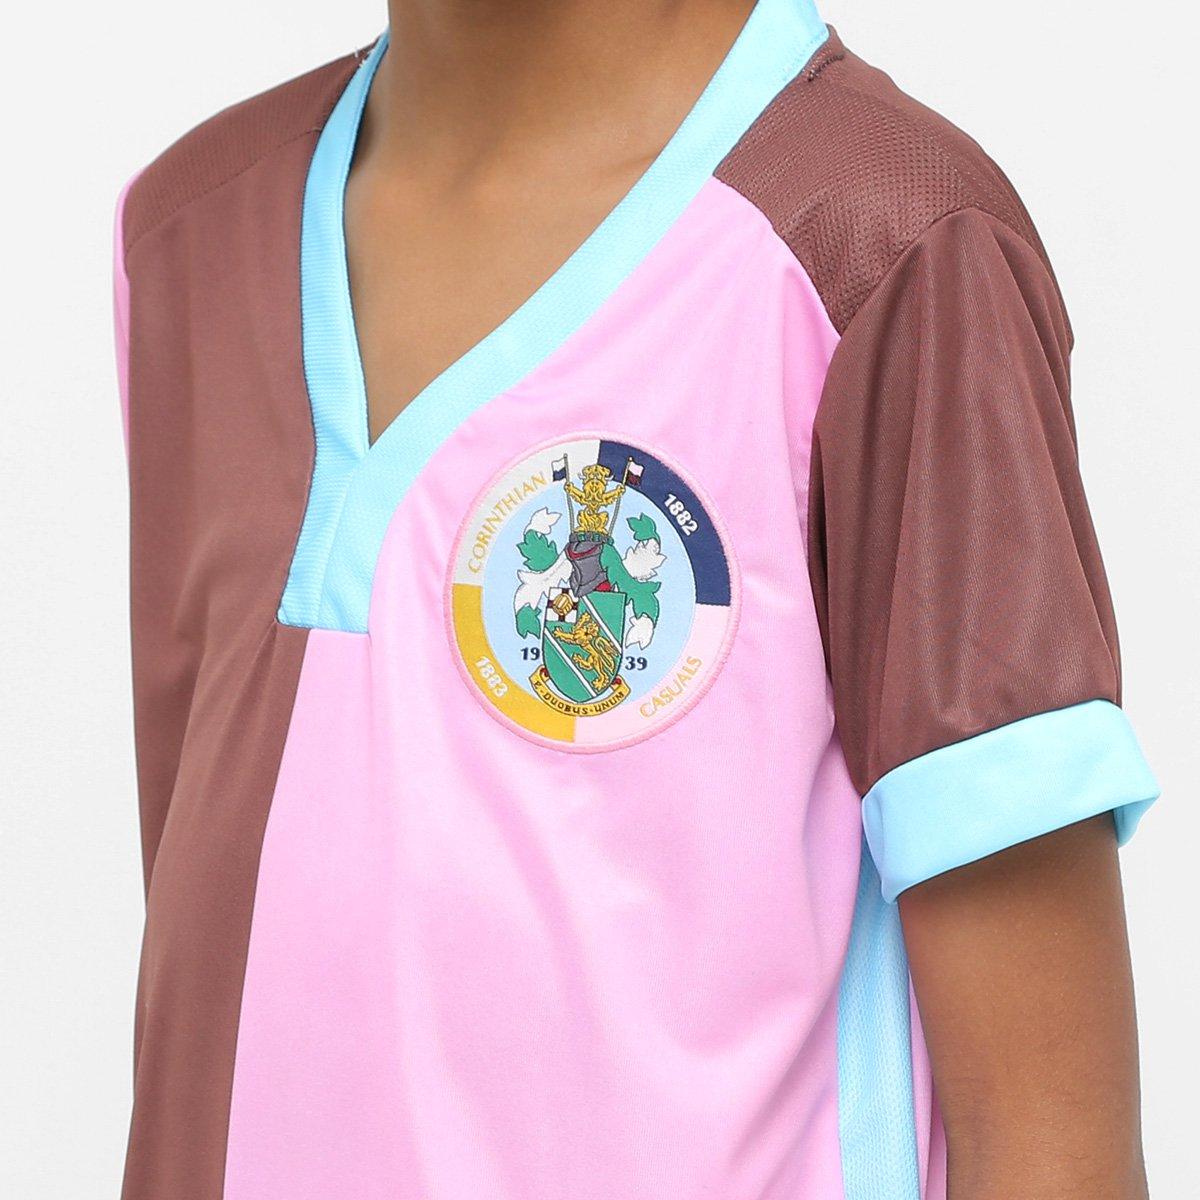 Camisa Corinthian Casuals Infantil Home 17 18 Torcedor - Marrom e ... 843d67b6622f6